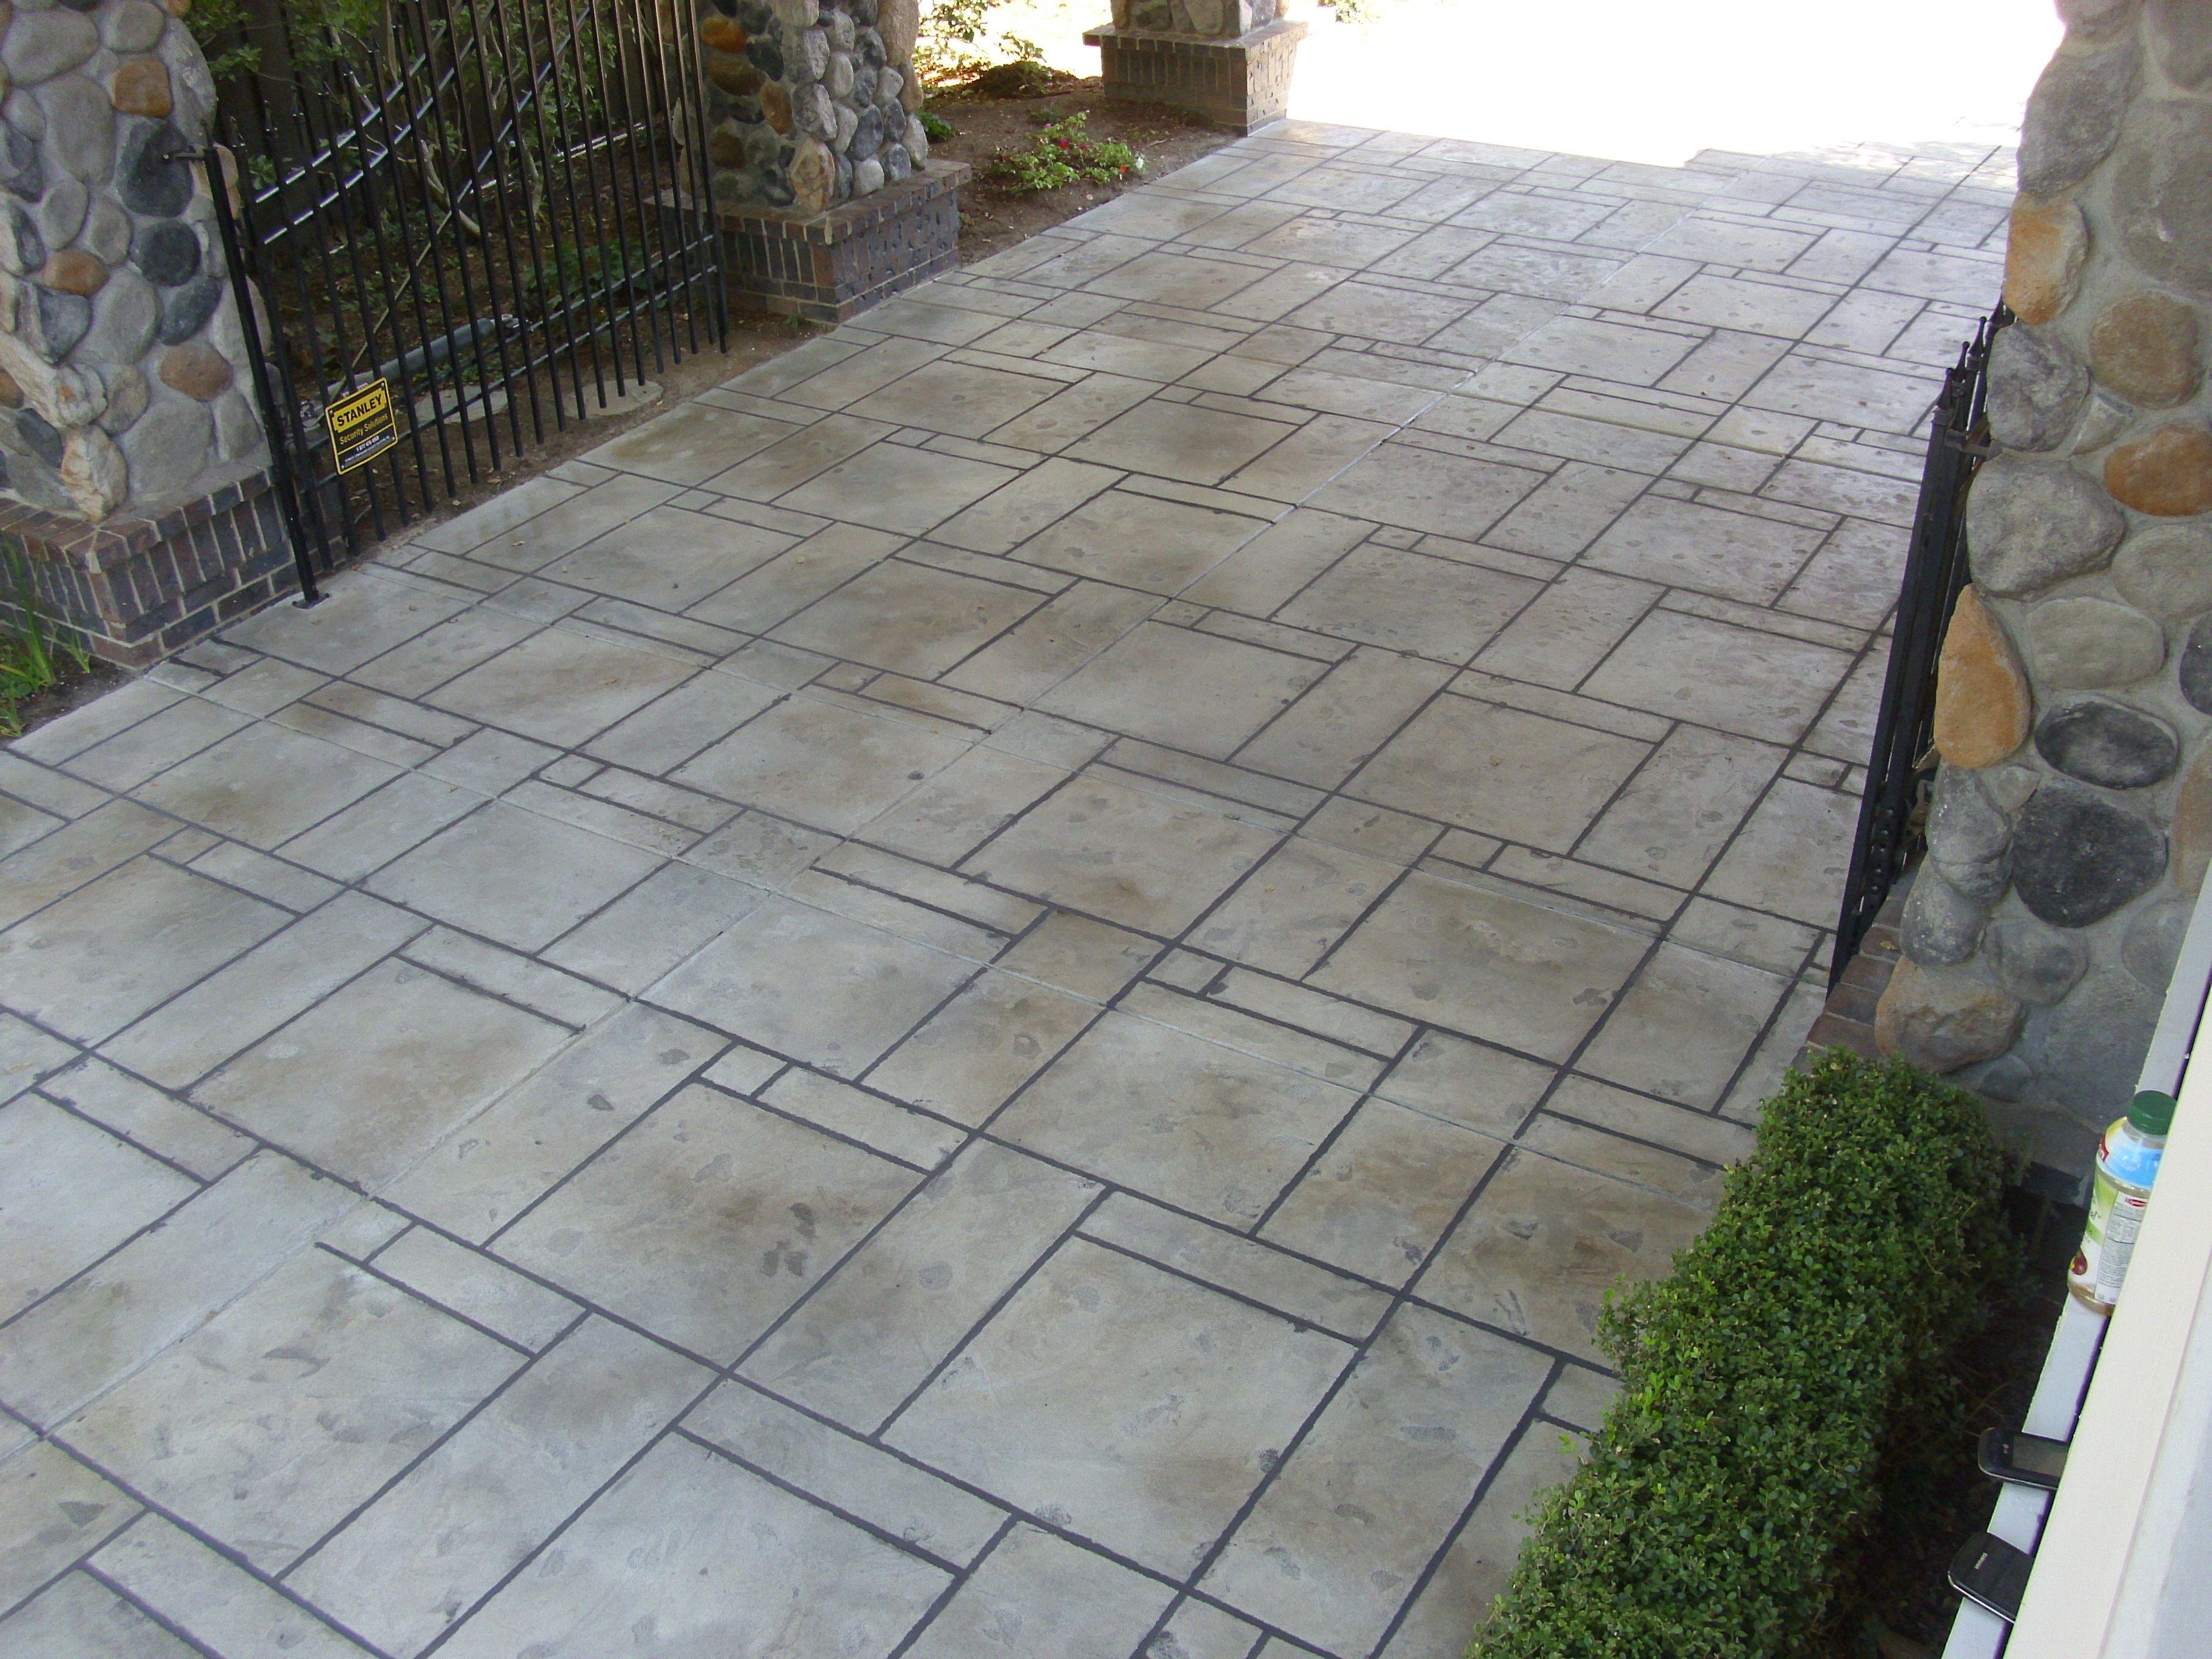 Decorative Concrete Overlay Sundek Custom Design Driveway Decorative Concrete Overlay Www